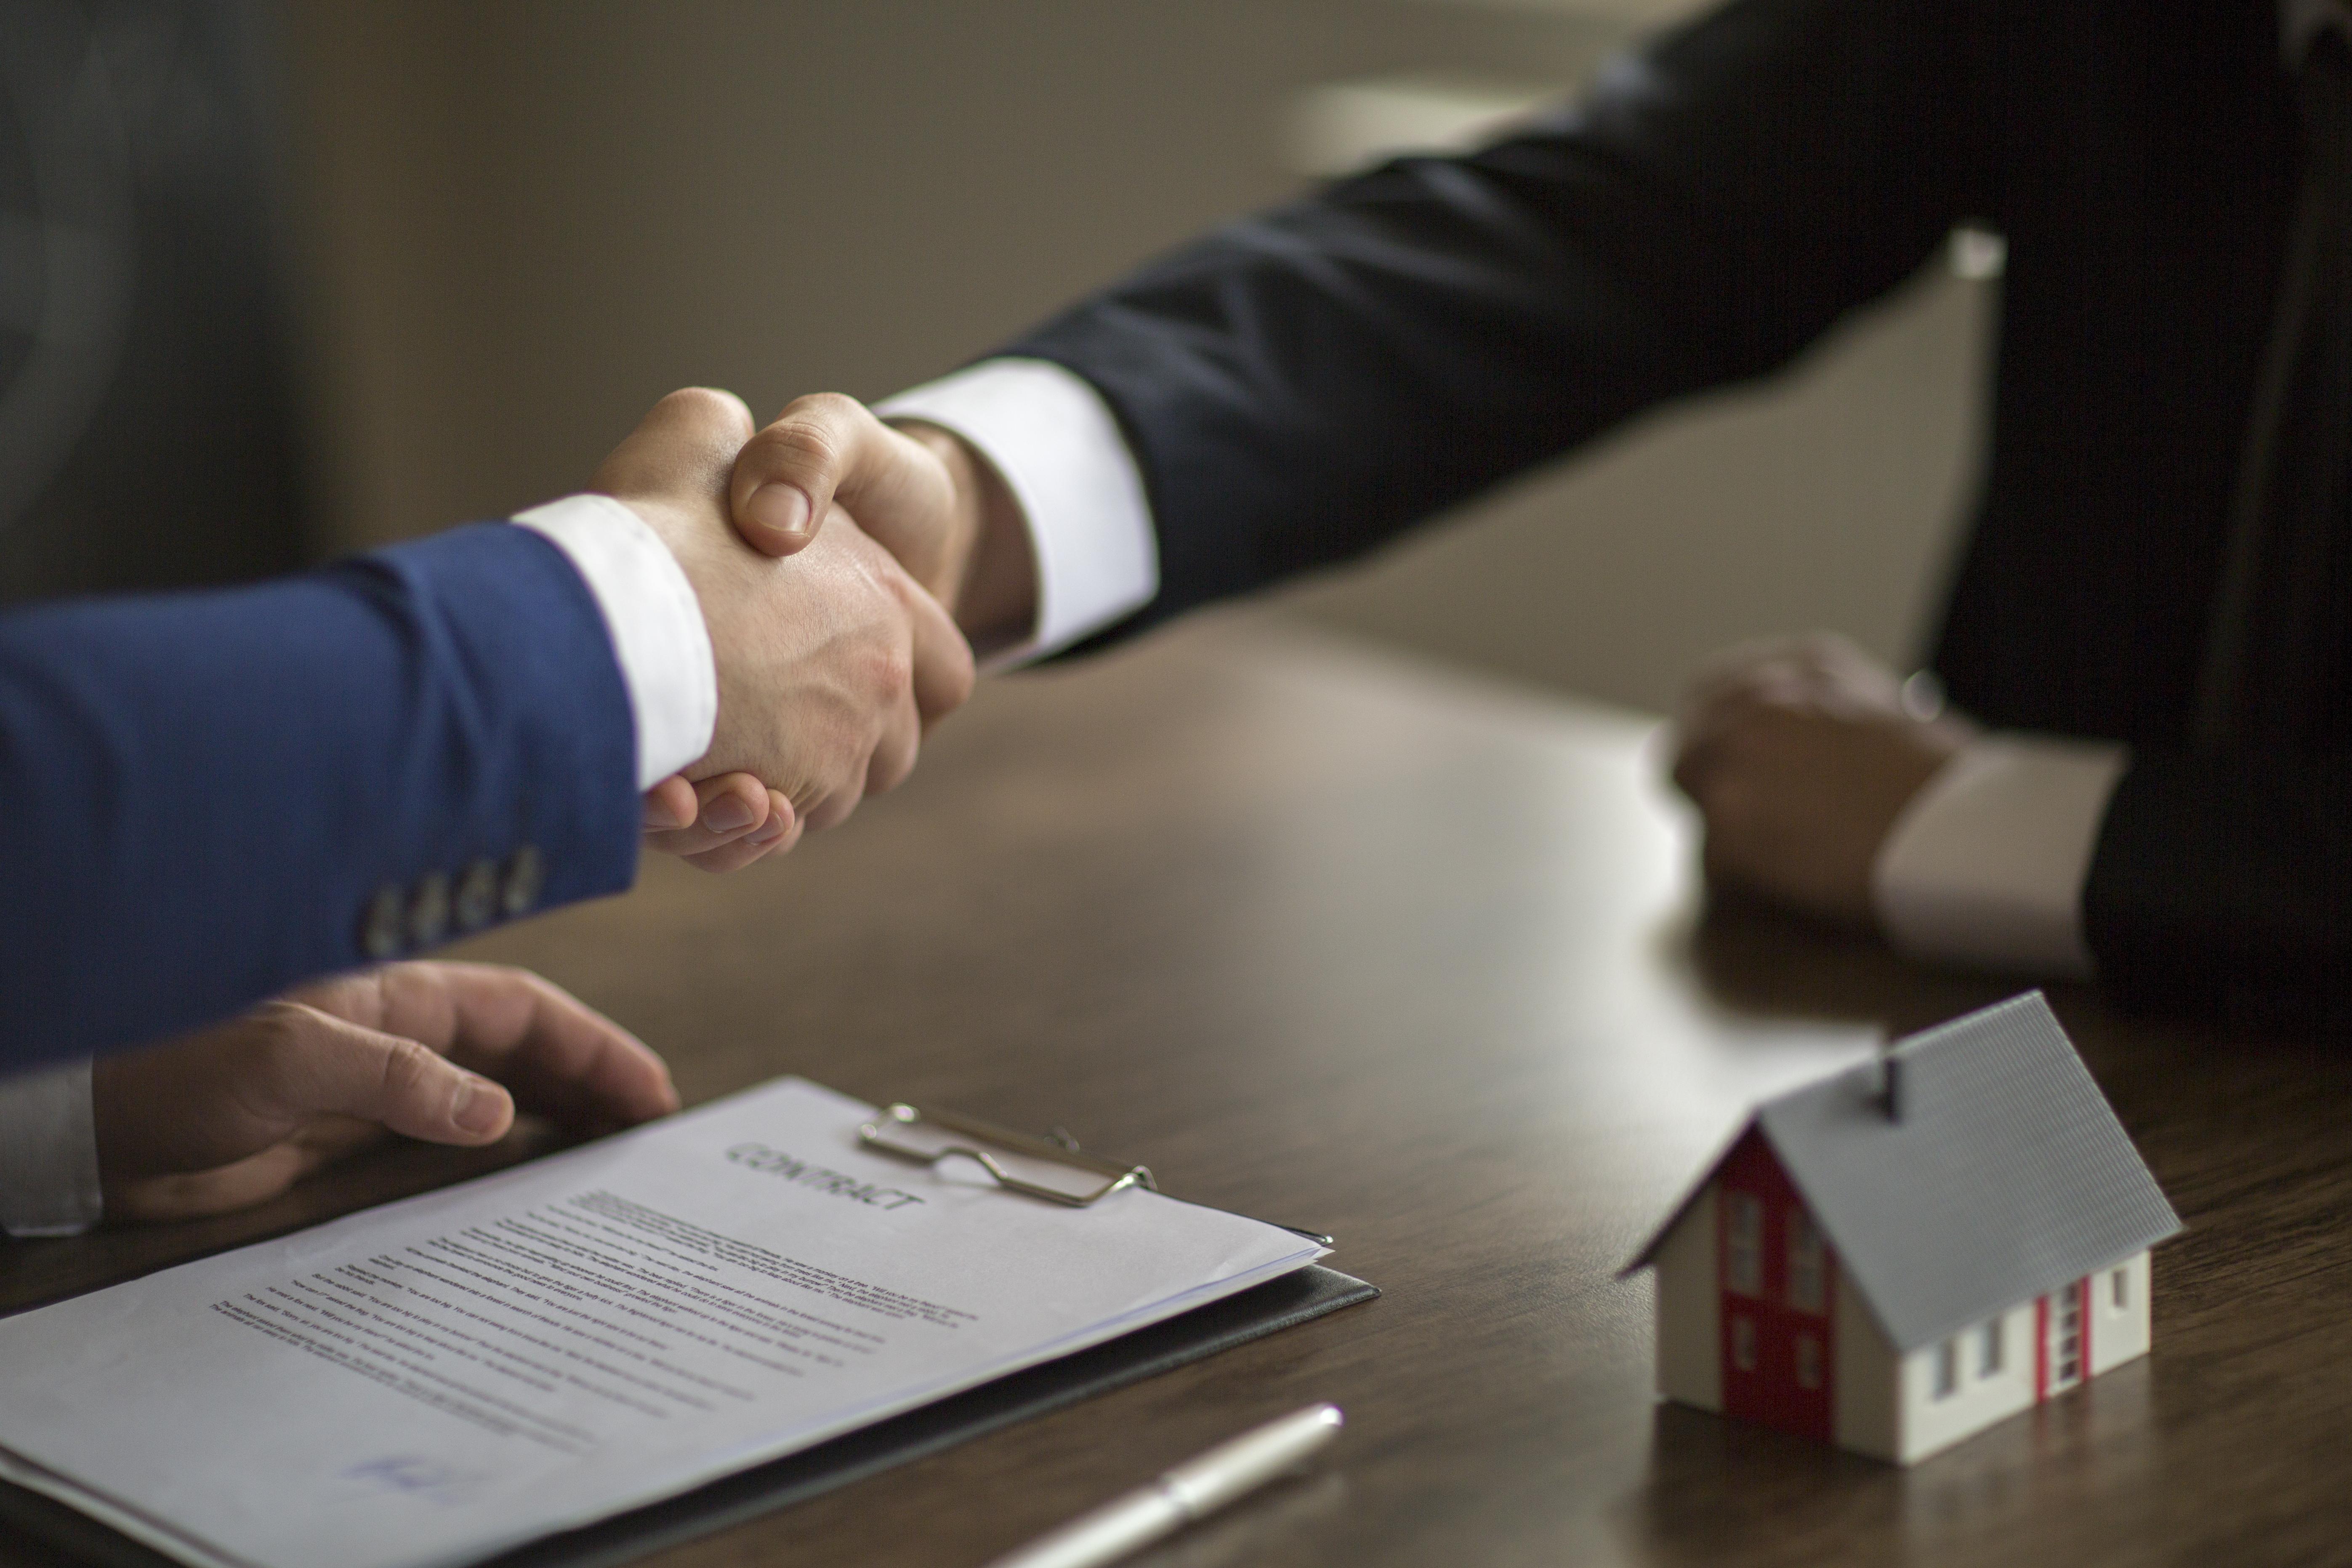 Investissement dans l'immobilier : ce qu'il faut savoir